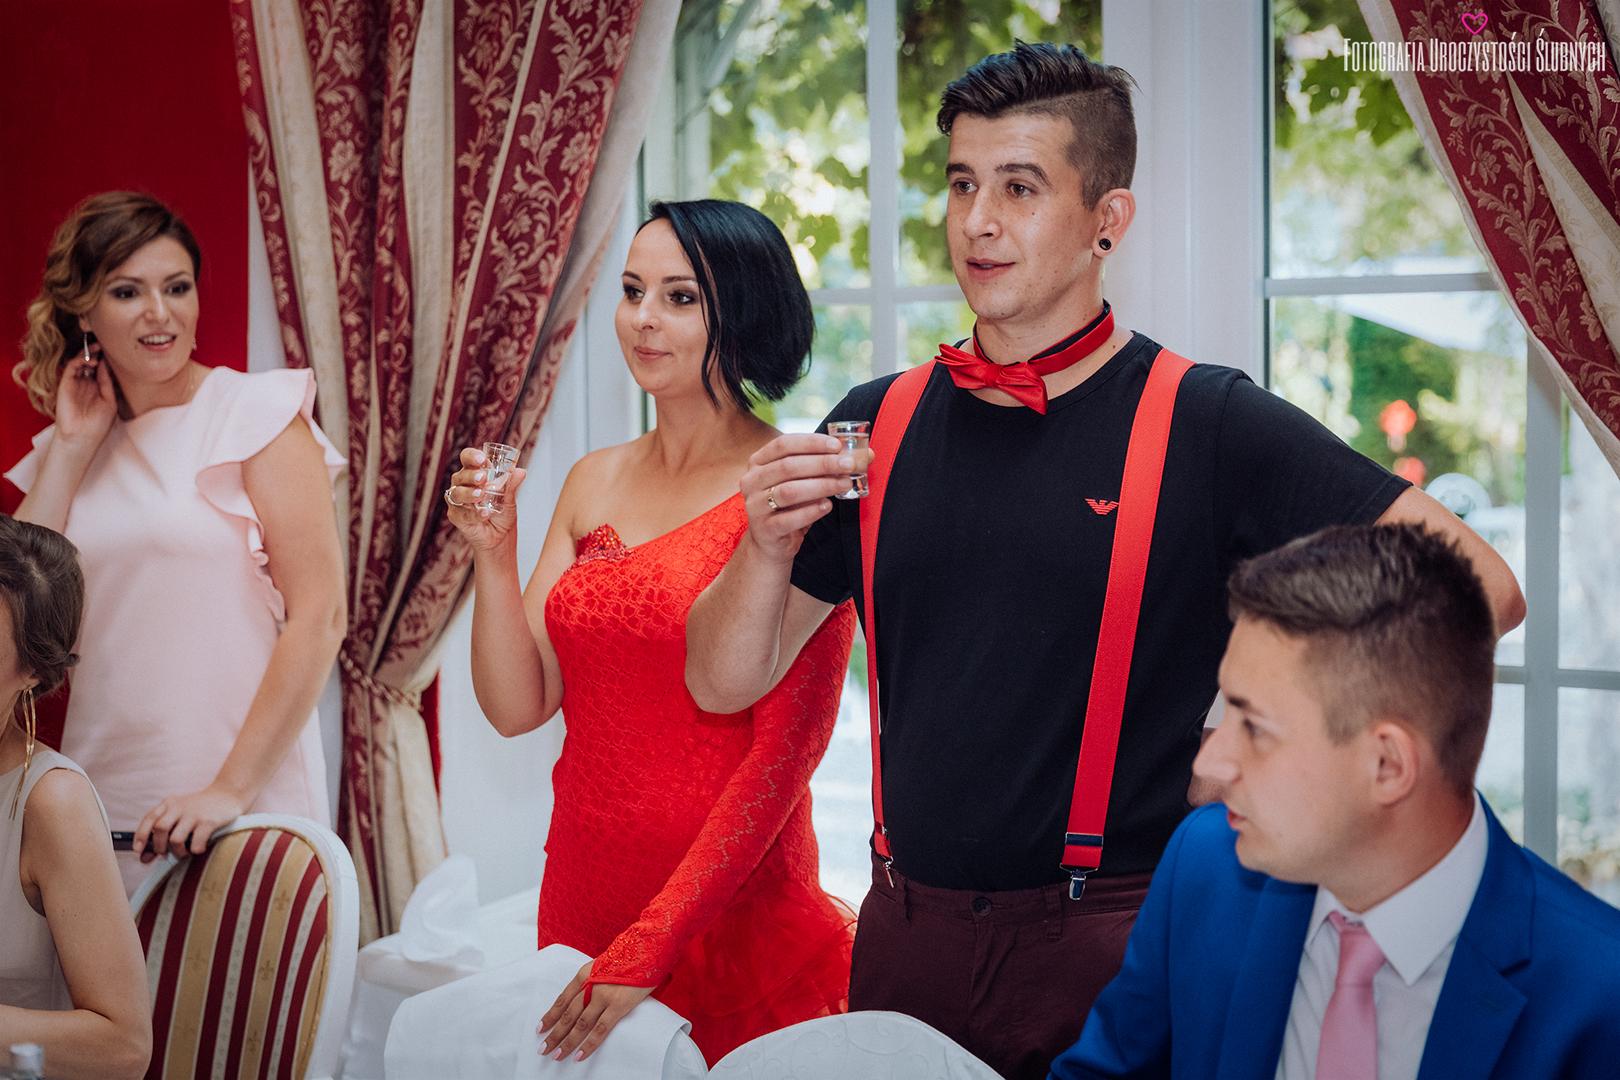 reportaż ślubny Sosnówka